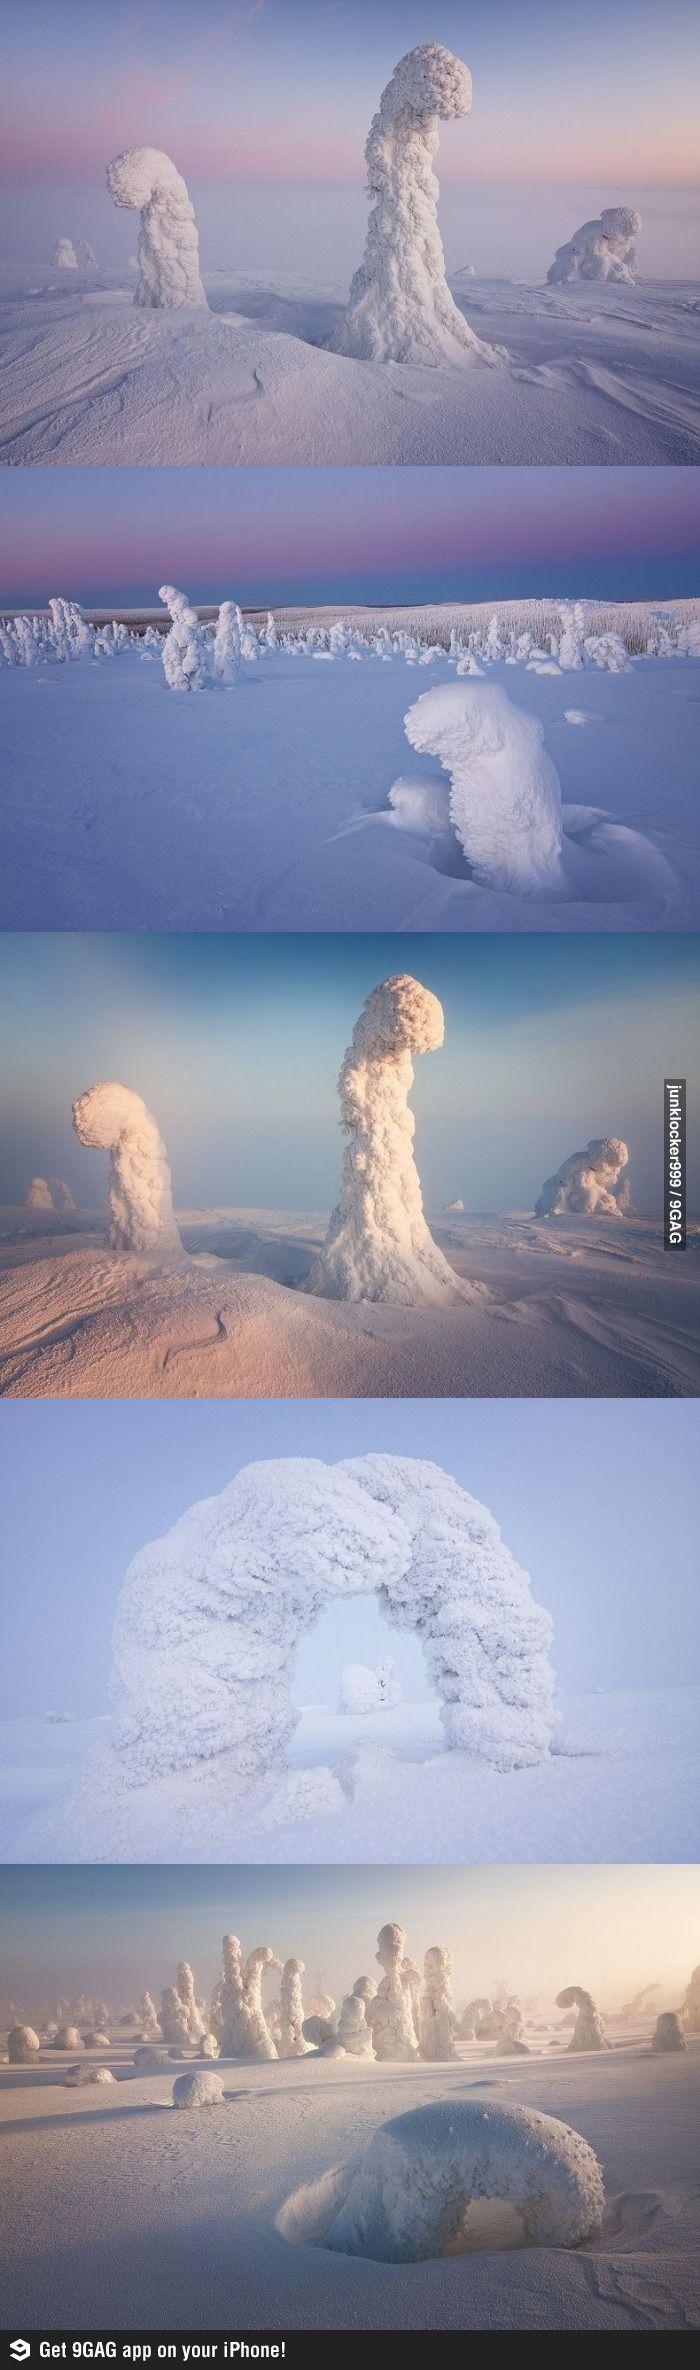 Alien Landscapes: Lapland, Finland